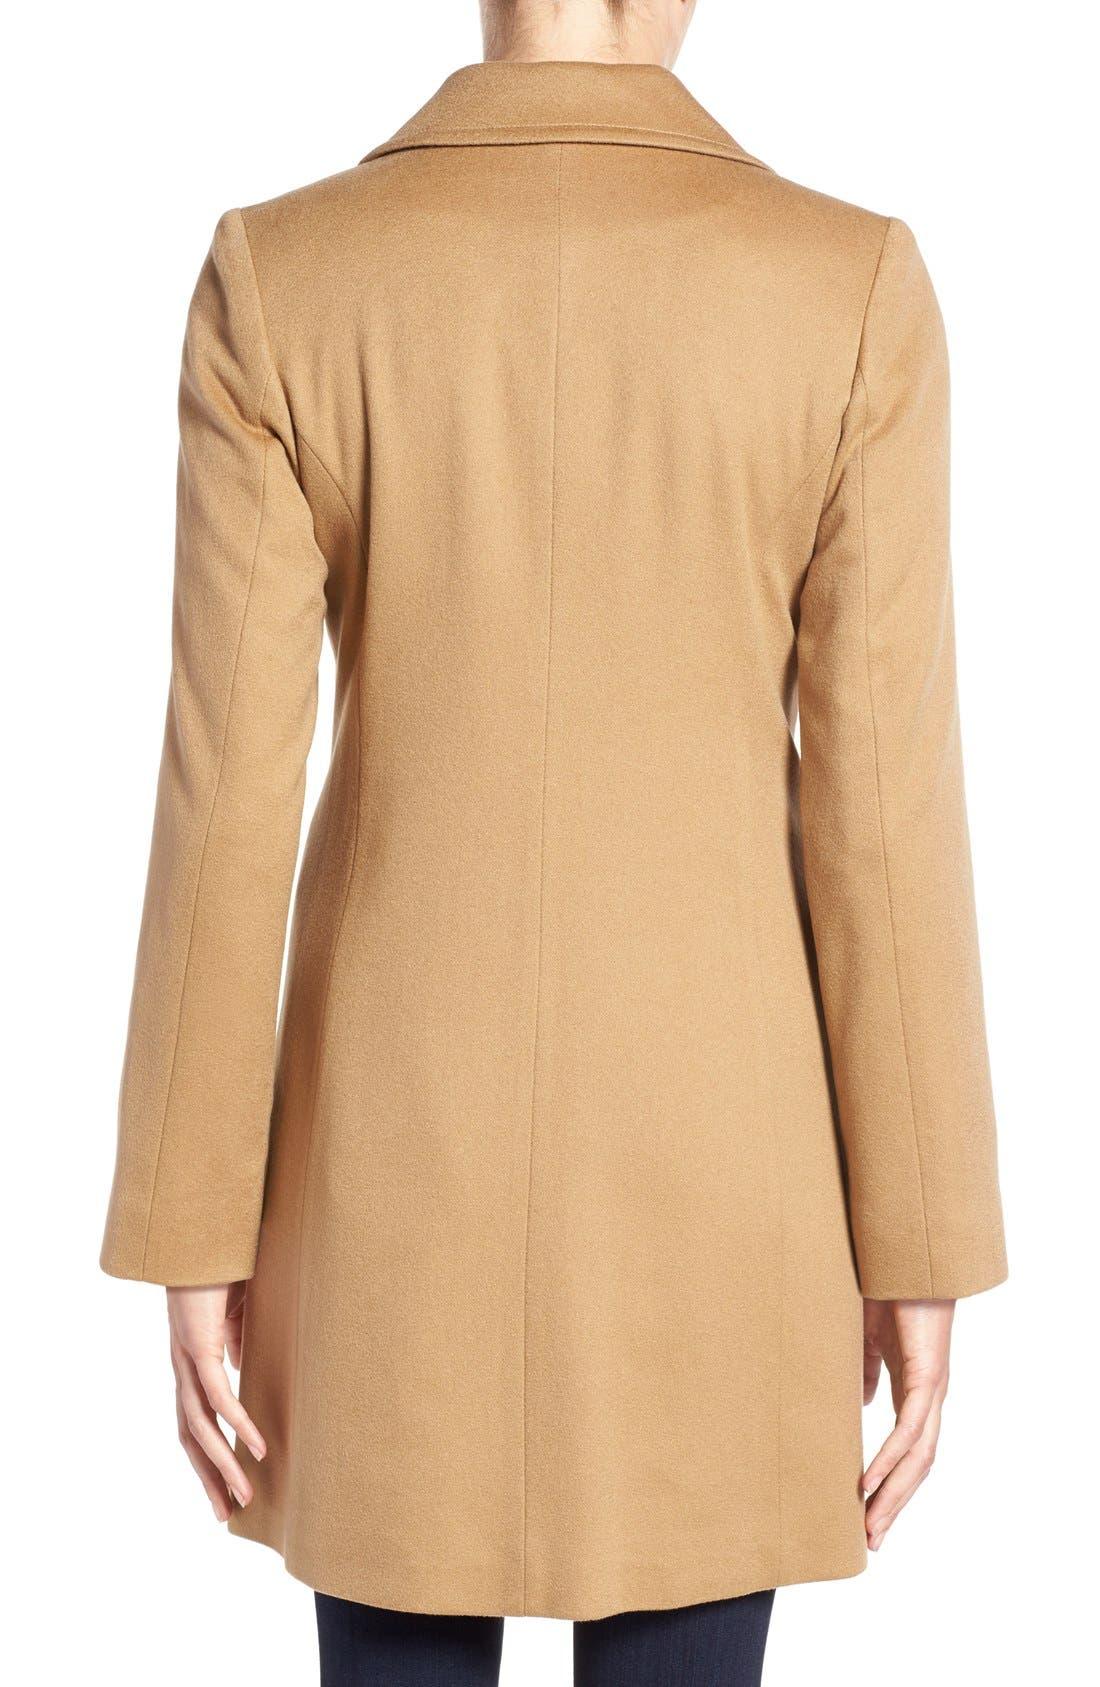 Alternate Image 2  - Fleurette Notch Collar Lightweight Cashmere Coat